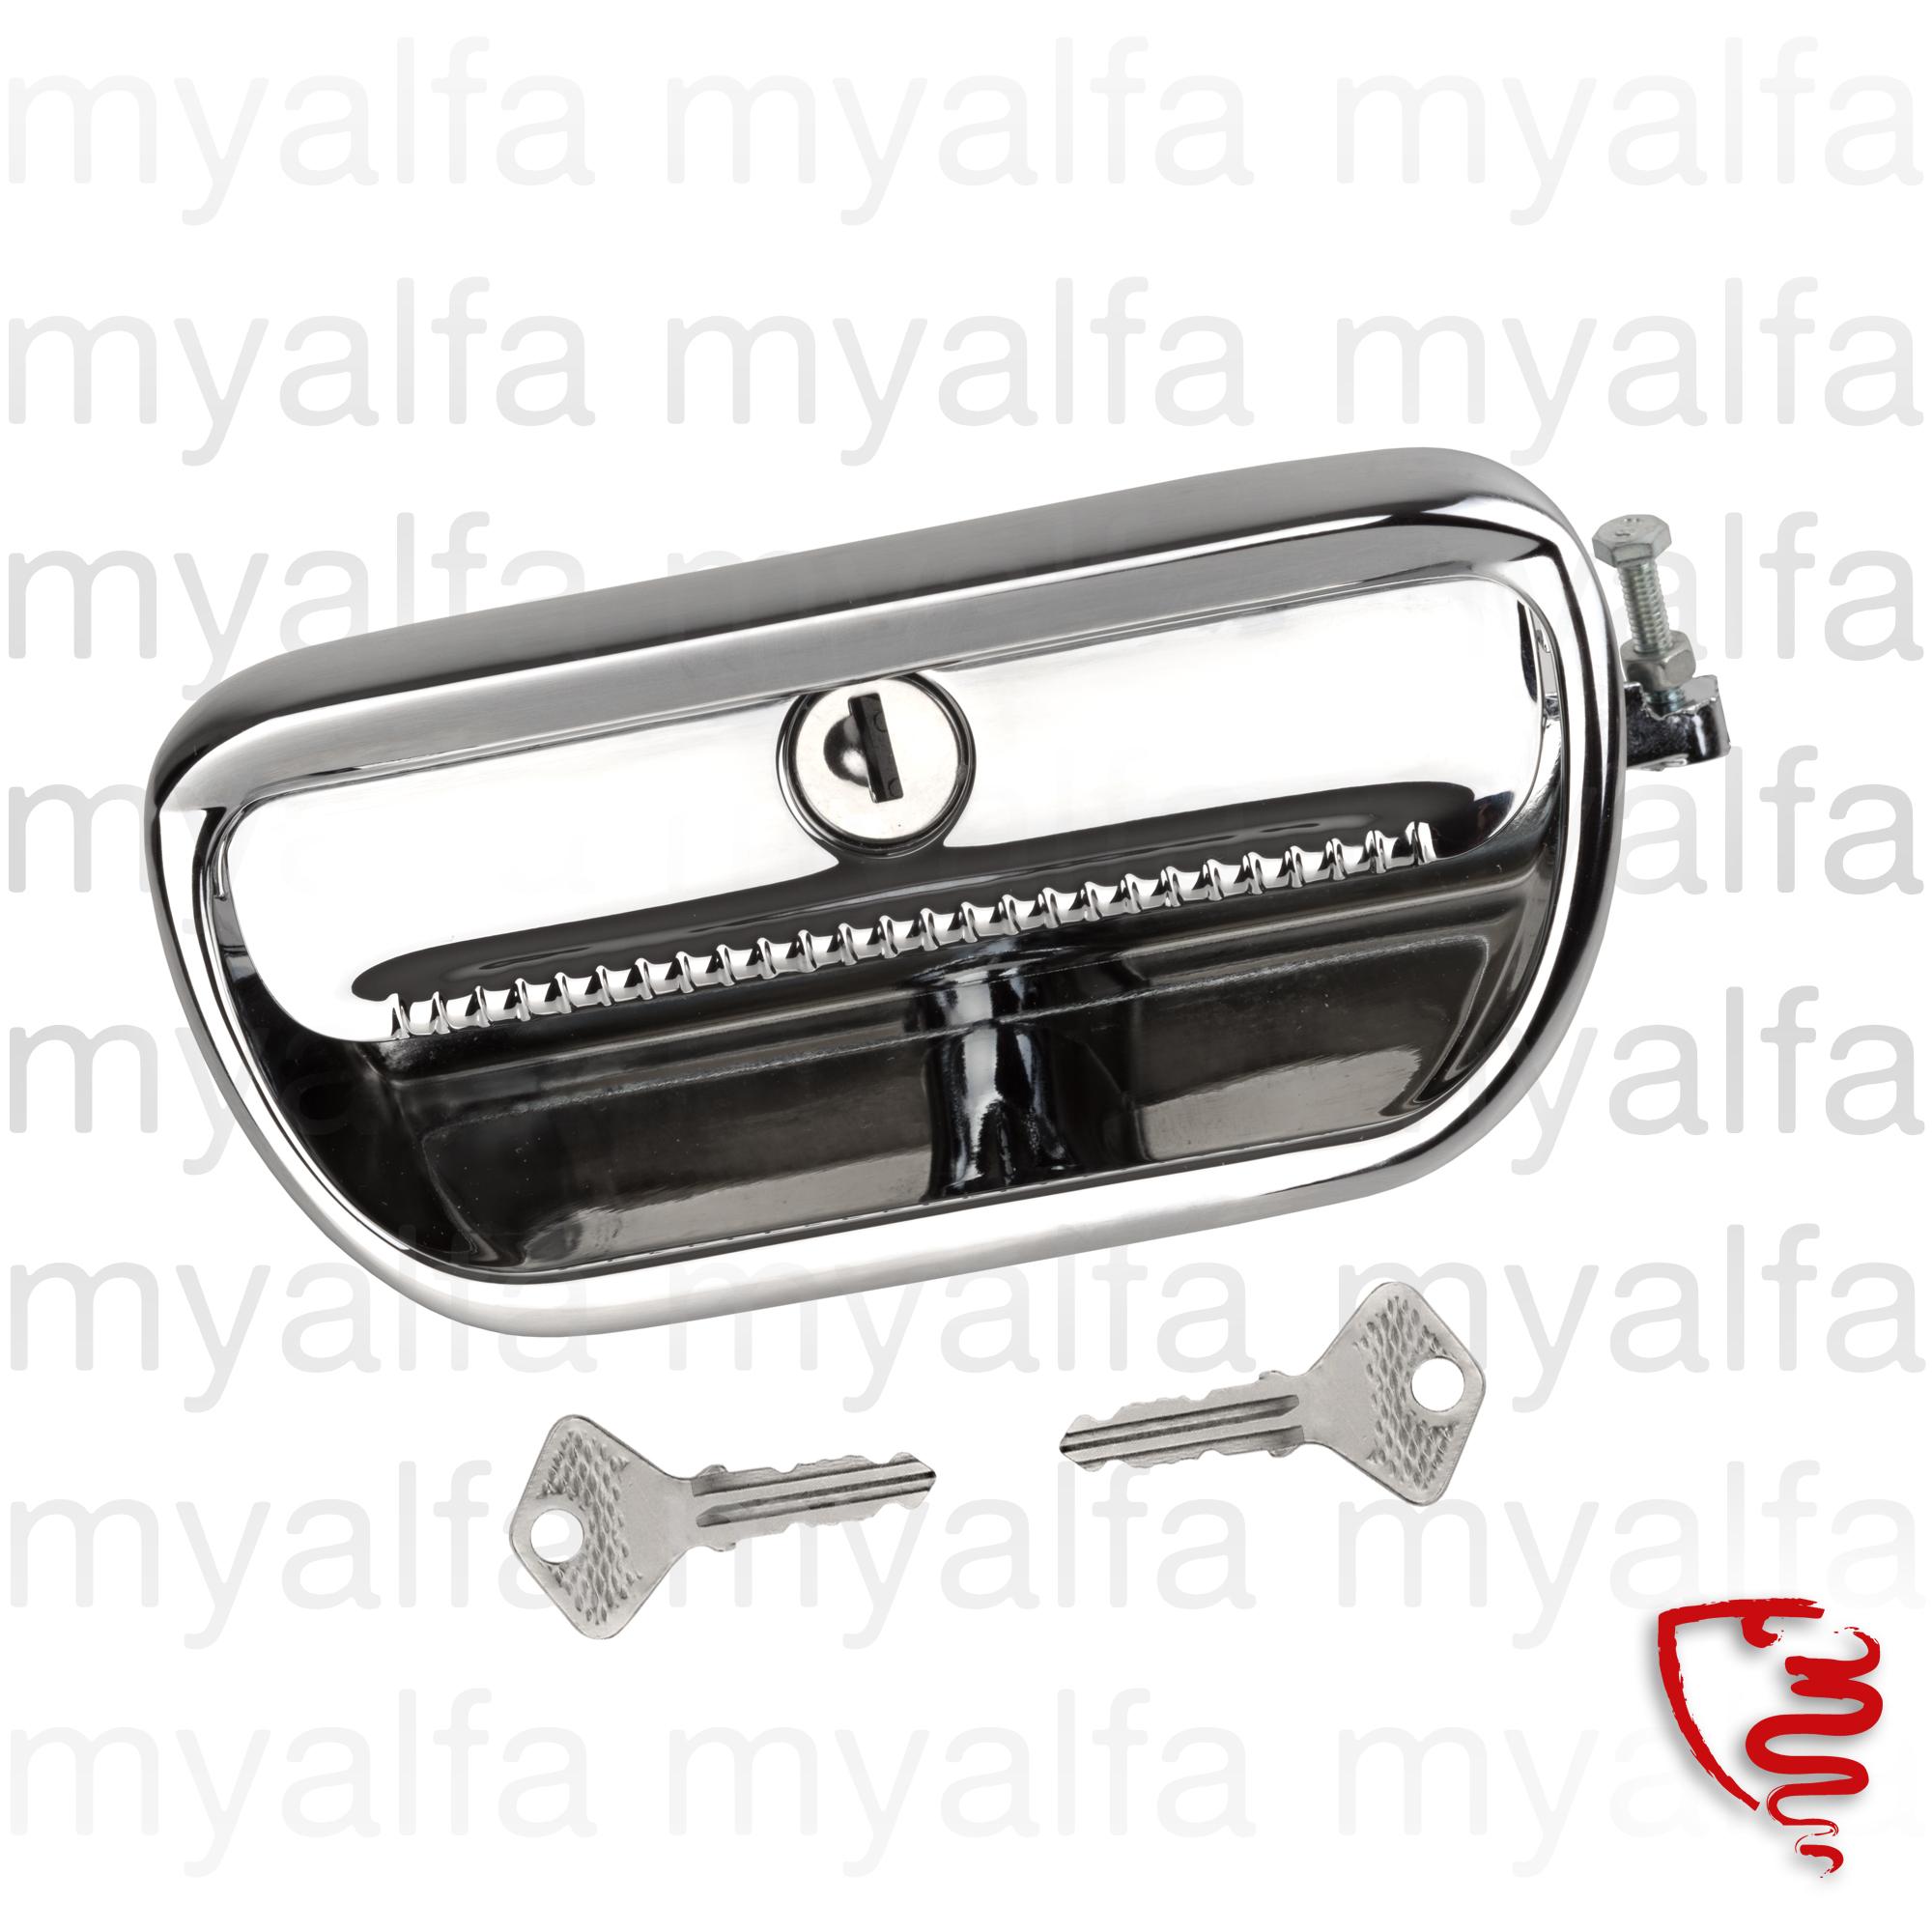 Door handle Left GT Bertone for 105/115, Coupe, Body parts, Chrome Parts, Door